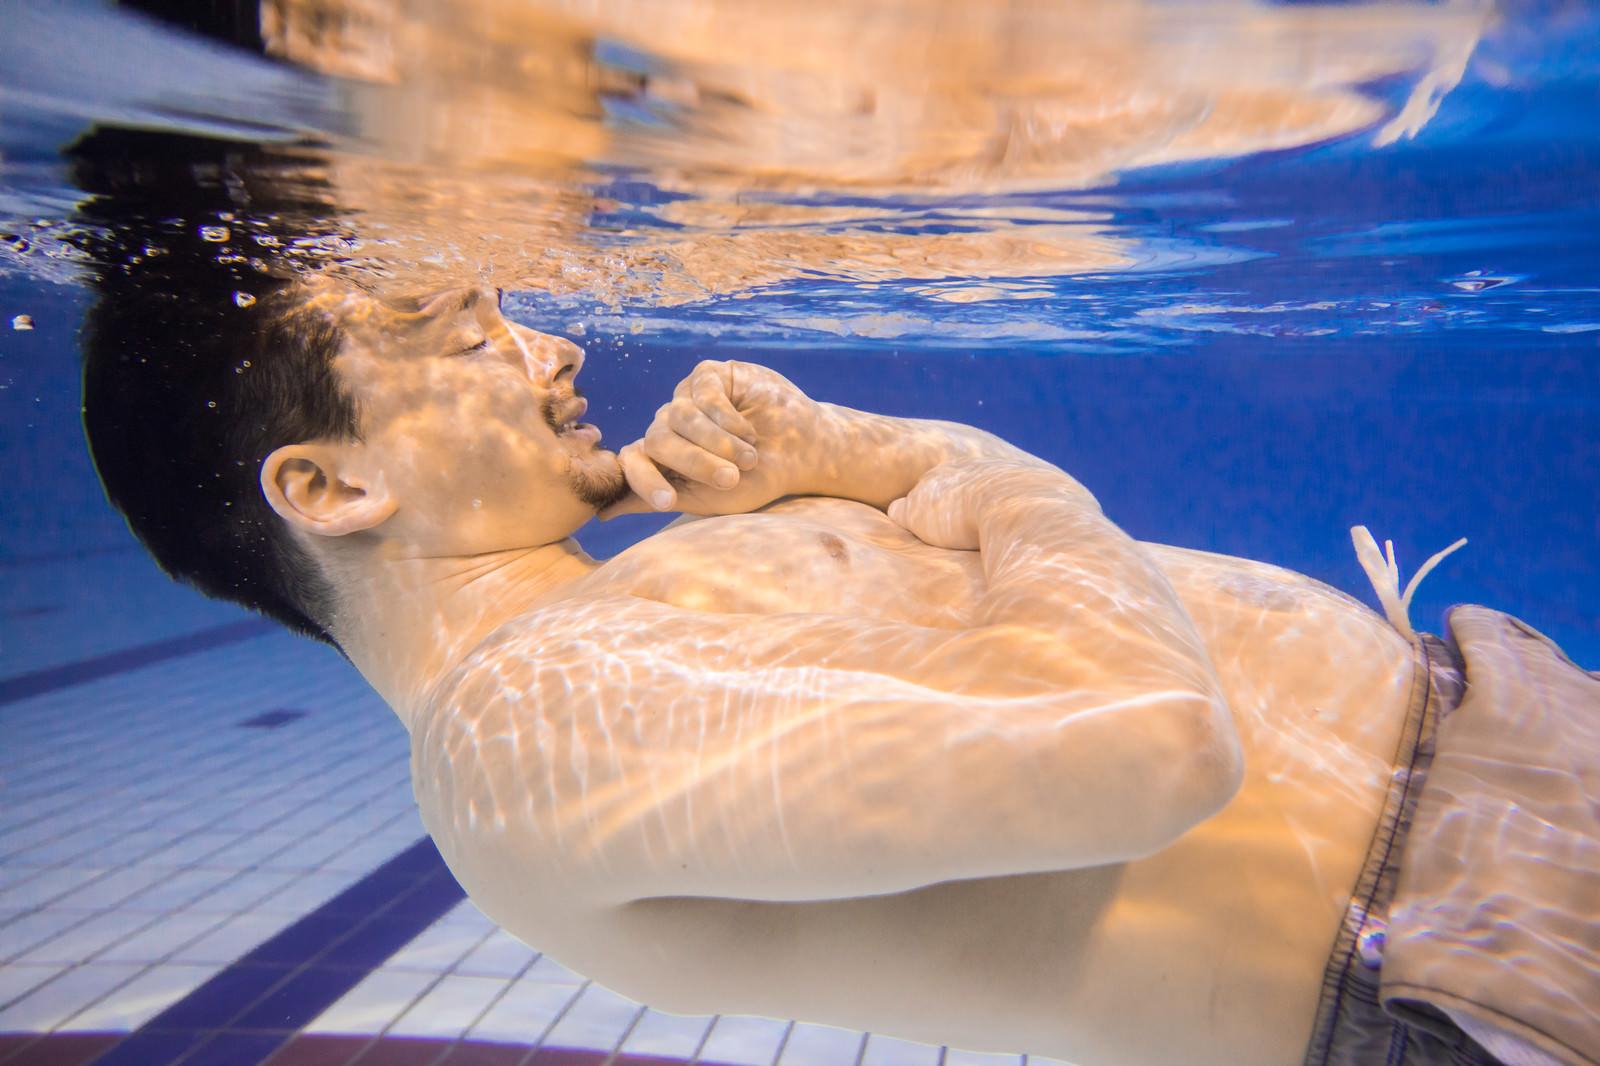 「ぽっこりお腹を気にしてプールから出てこない男性」の写真[モデル:Max_Ezaki]